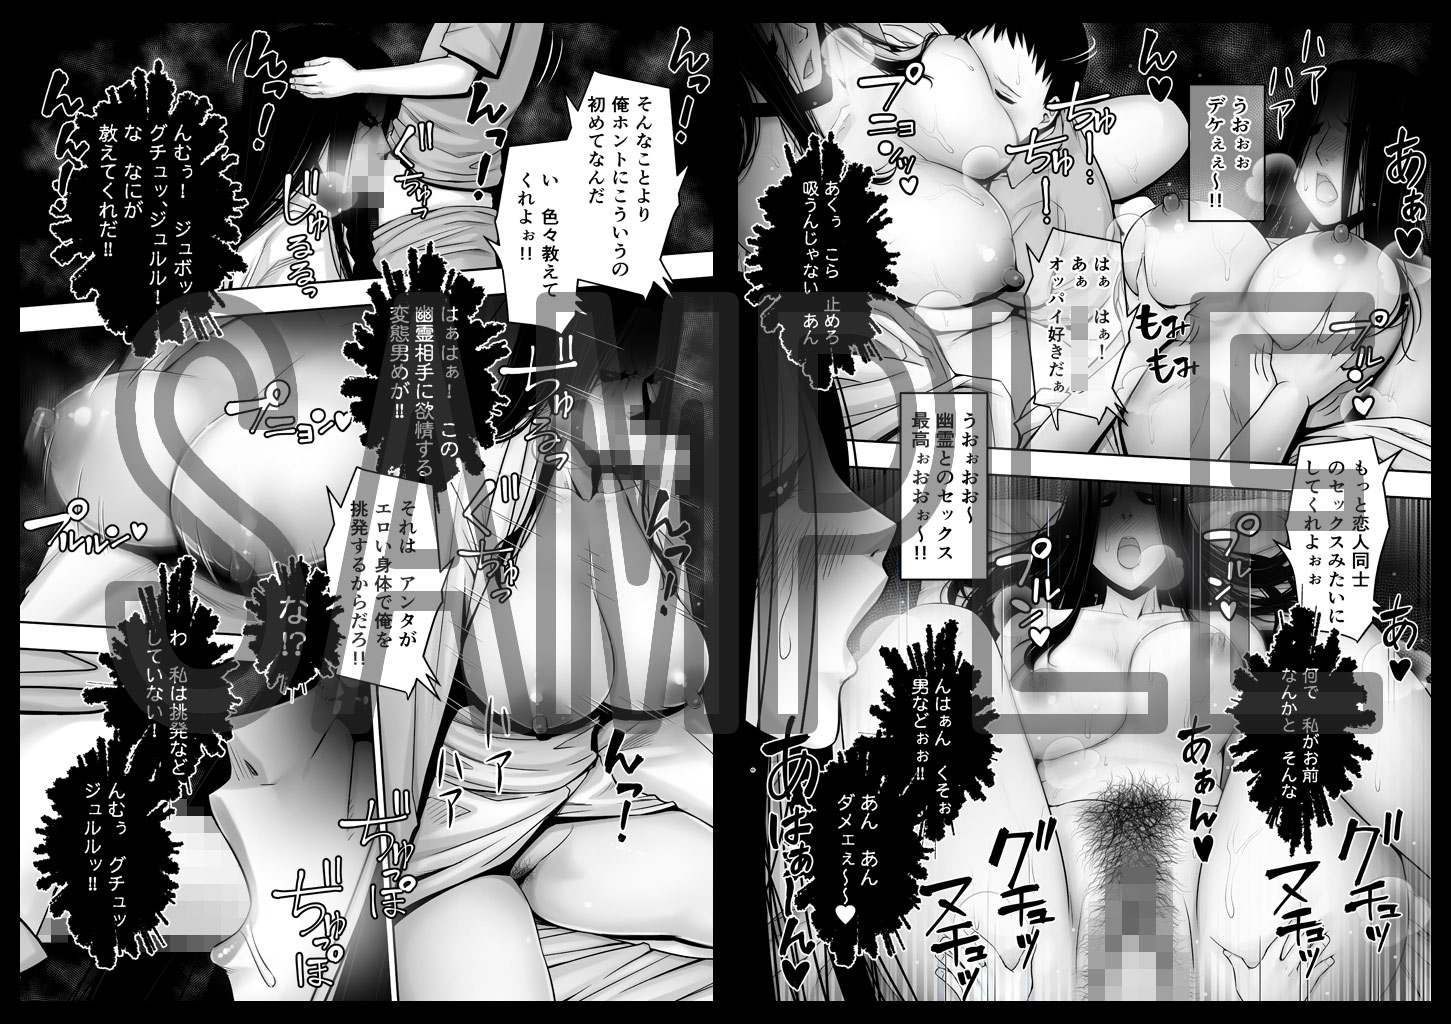 童貞が部屋に取り憑いている女幽霊に逆金縛りをかけた結果のサンプル画像3